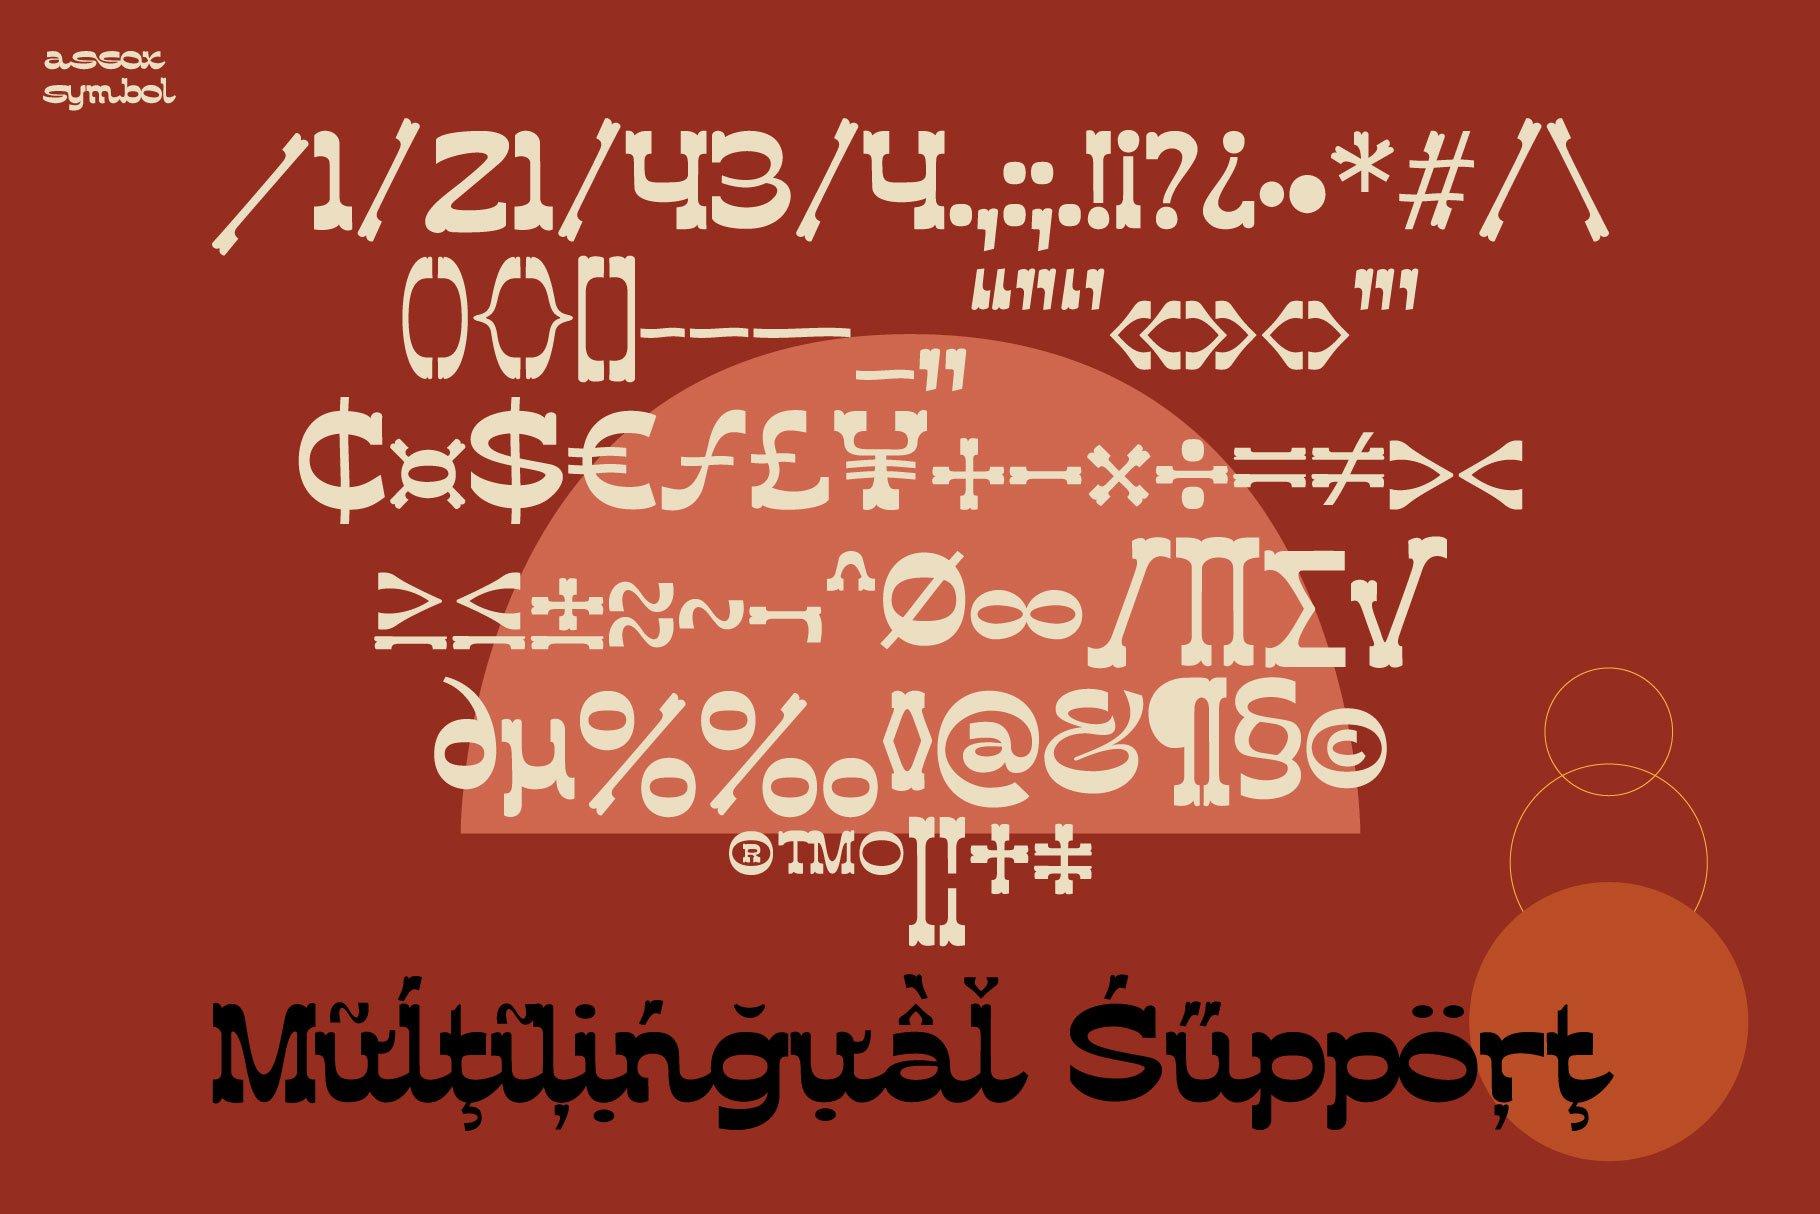 [单独购买] 潮流复古酸性逆反差海报标题Logo设计衬线英文字体素材 Assox Typeface插图14